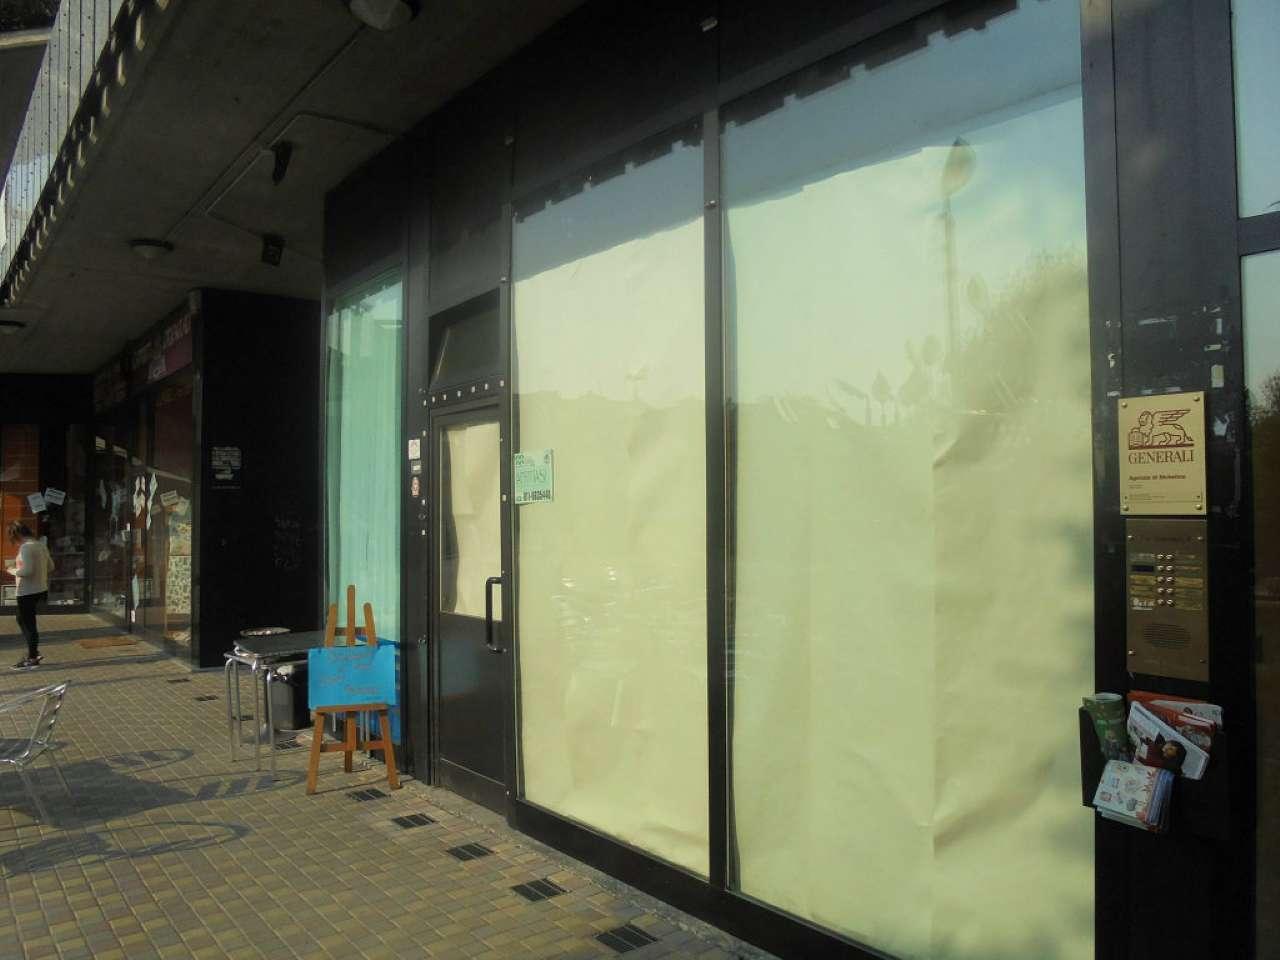 Immagine immobiliare Nichelino Nichelino affittasi Centralissimo su piazza di forte passaggio negozio mq.70 + mq.100 circa di interrato con servizio interno. Una vetrina su strada. Termoautonomo